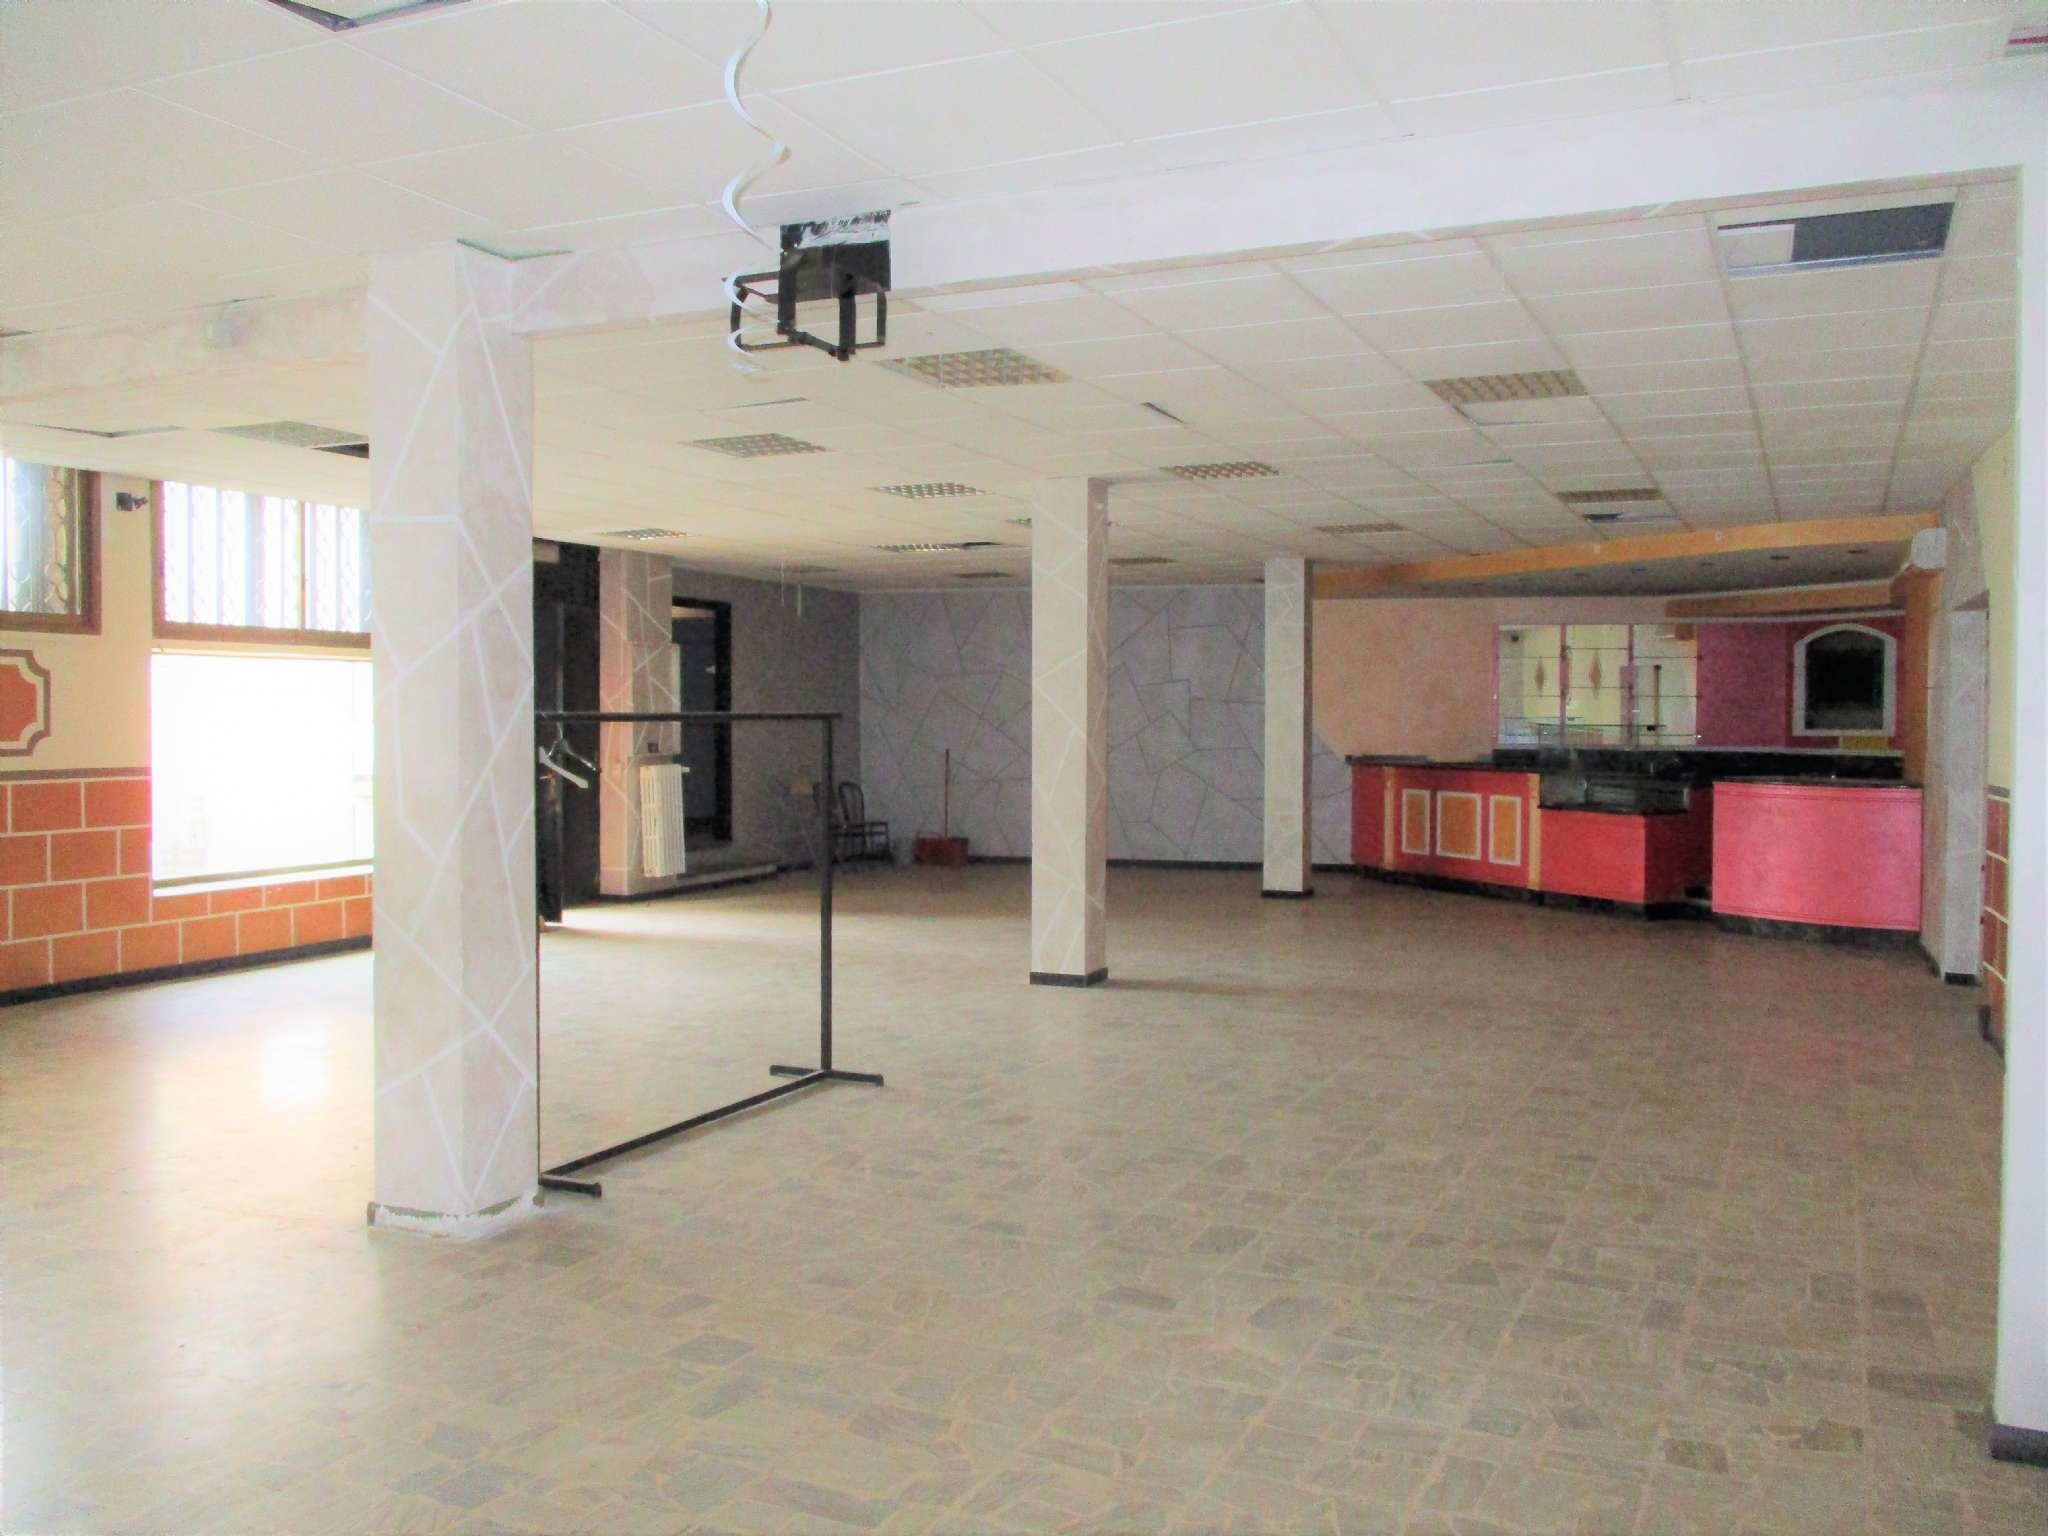 Negozio / Locale in vendita a Nichelino, 4 locali, prezzo € 250.000   PortaleAgenzieImmobiliari.it